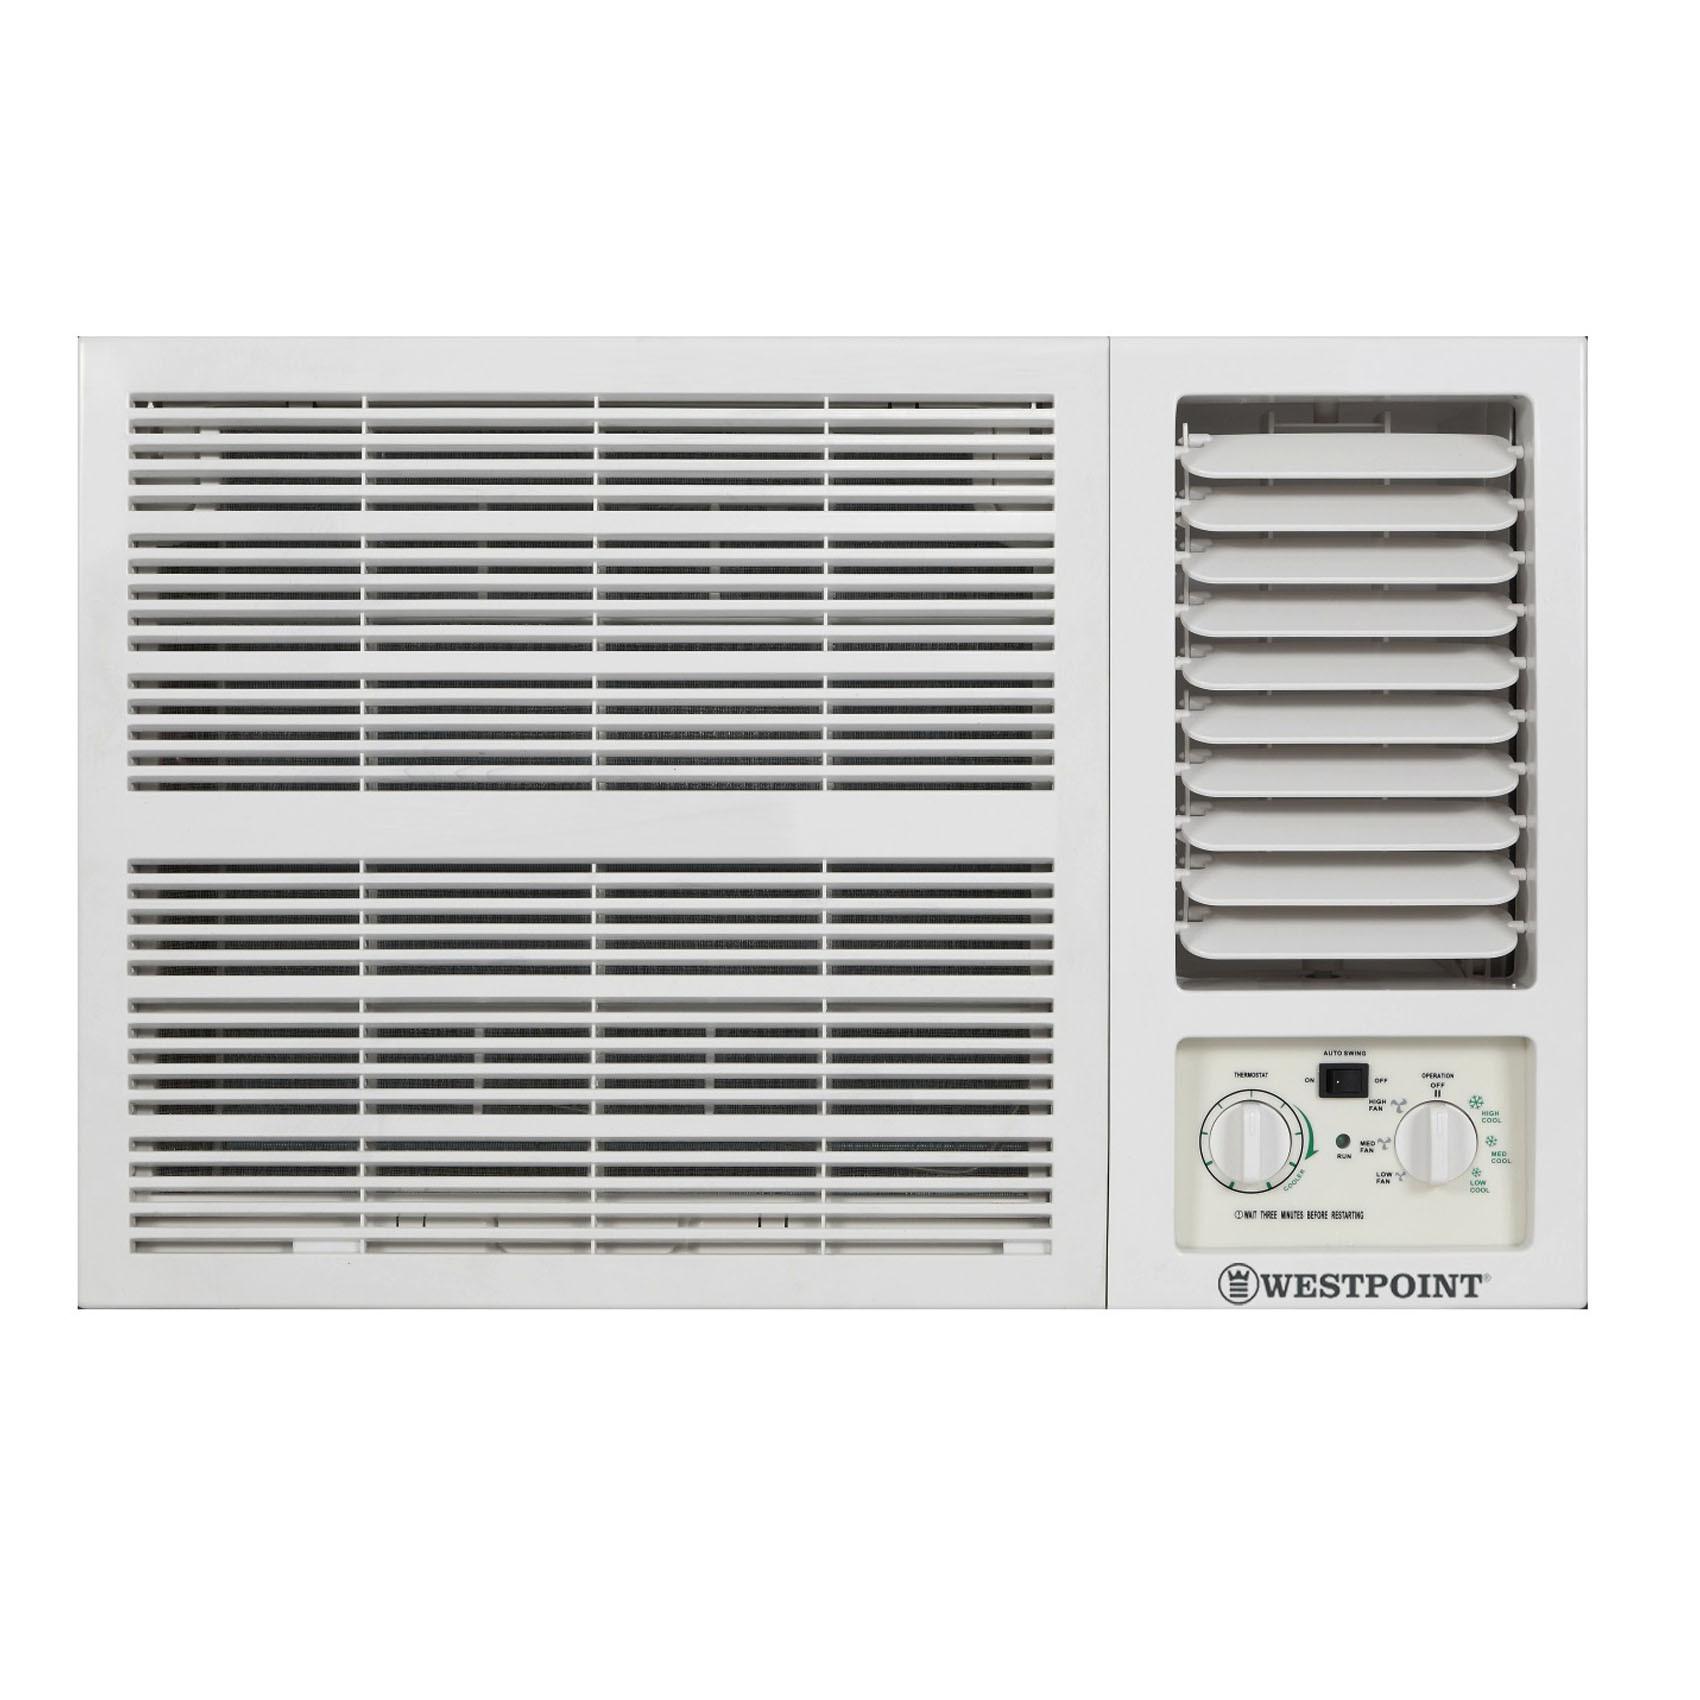 Buy Westpoint Window A C 15 Ton Wwt1815tya Online In Uae Westpointe 3 Speed Fan Wiring Schematic 15t Wwt1815ty